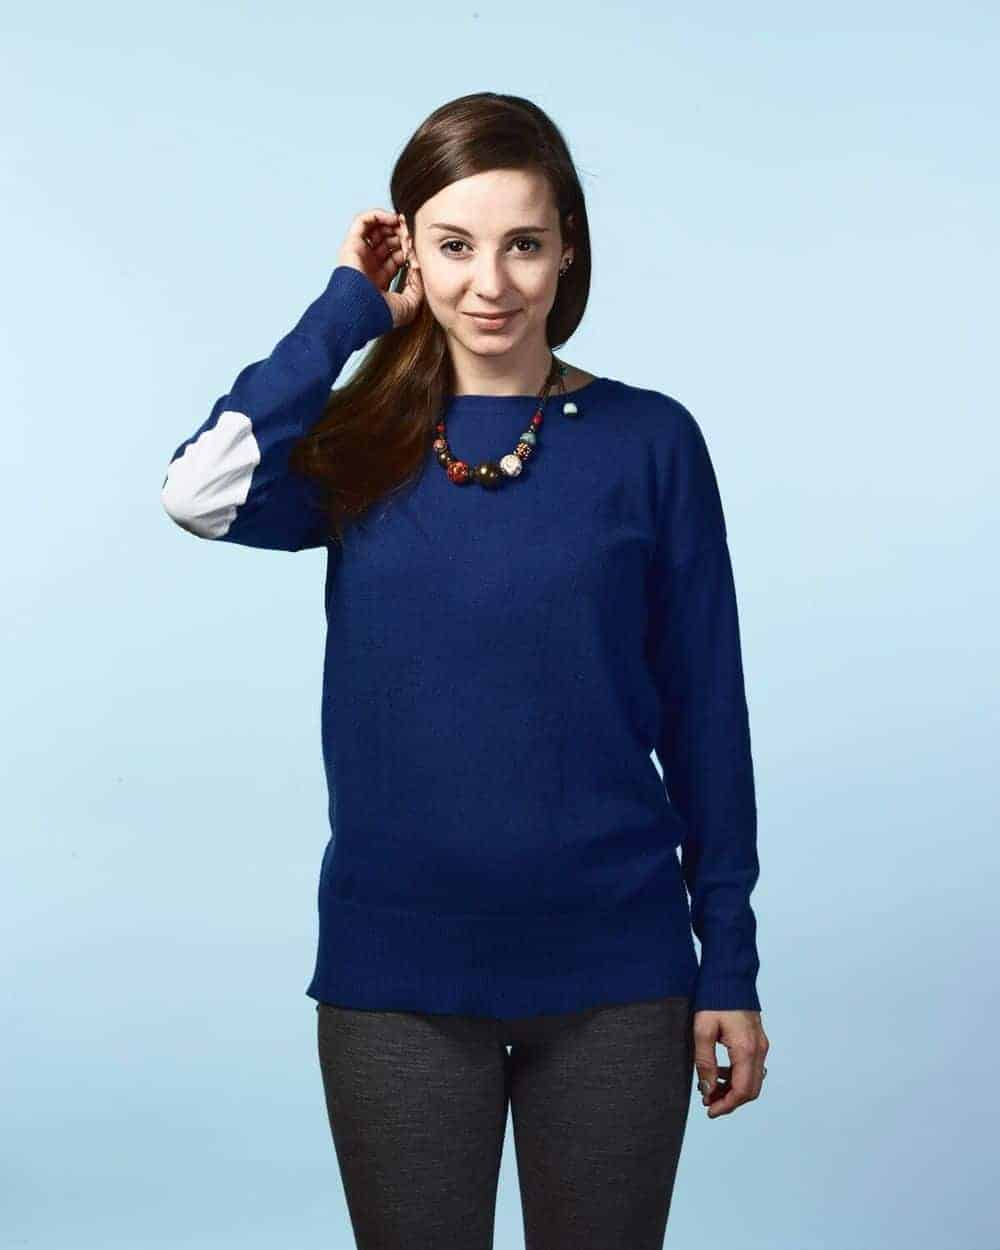 Laura Wolfe Wardrobe/Prop Styling